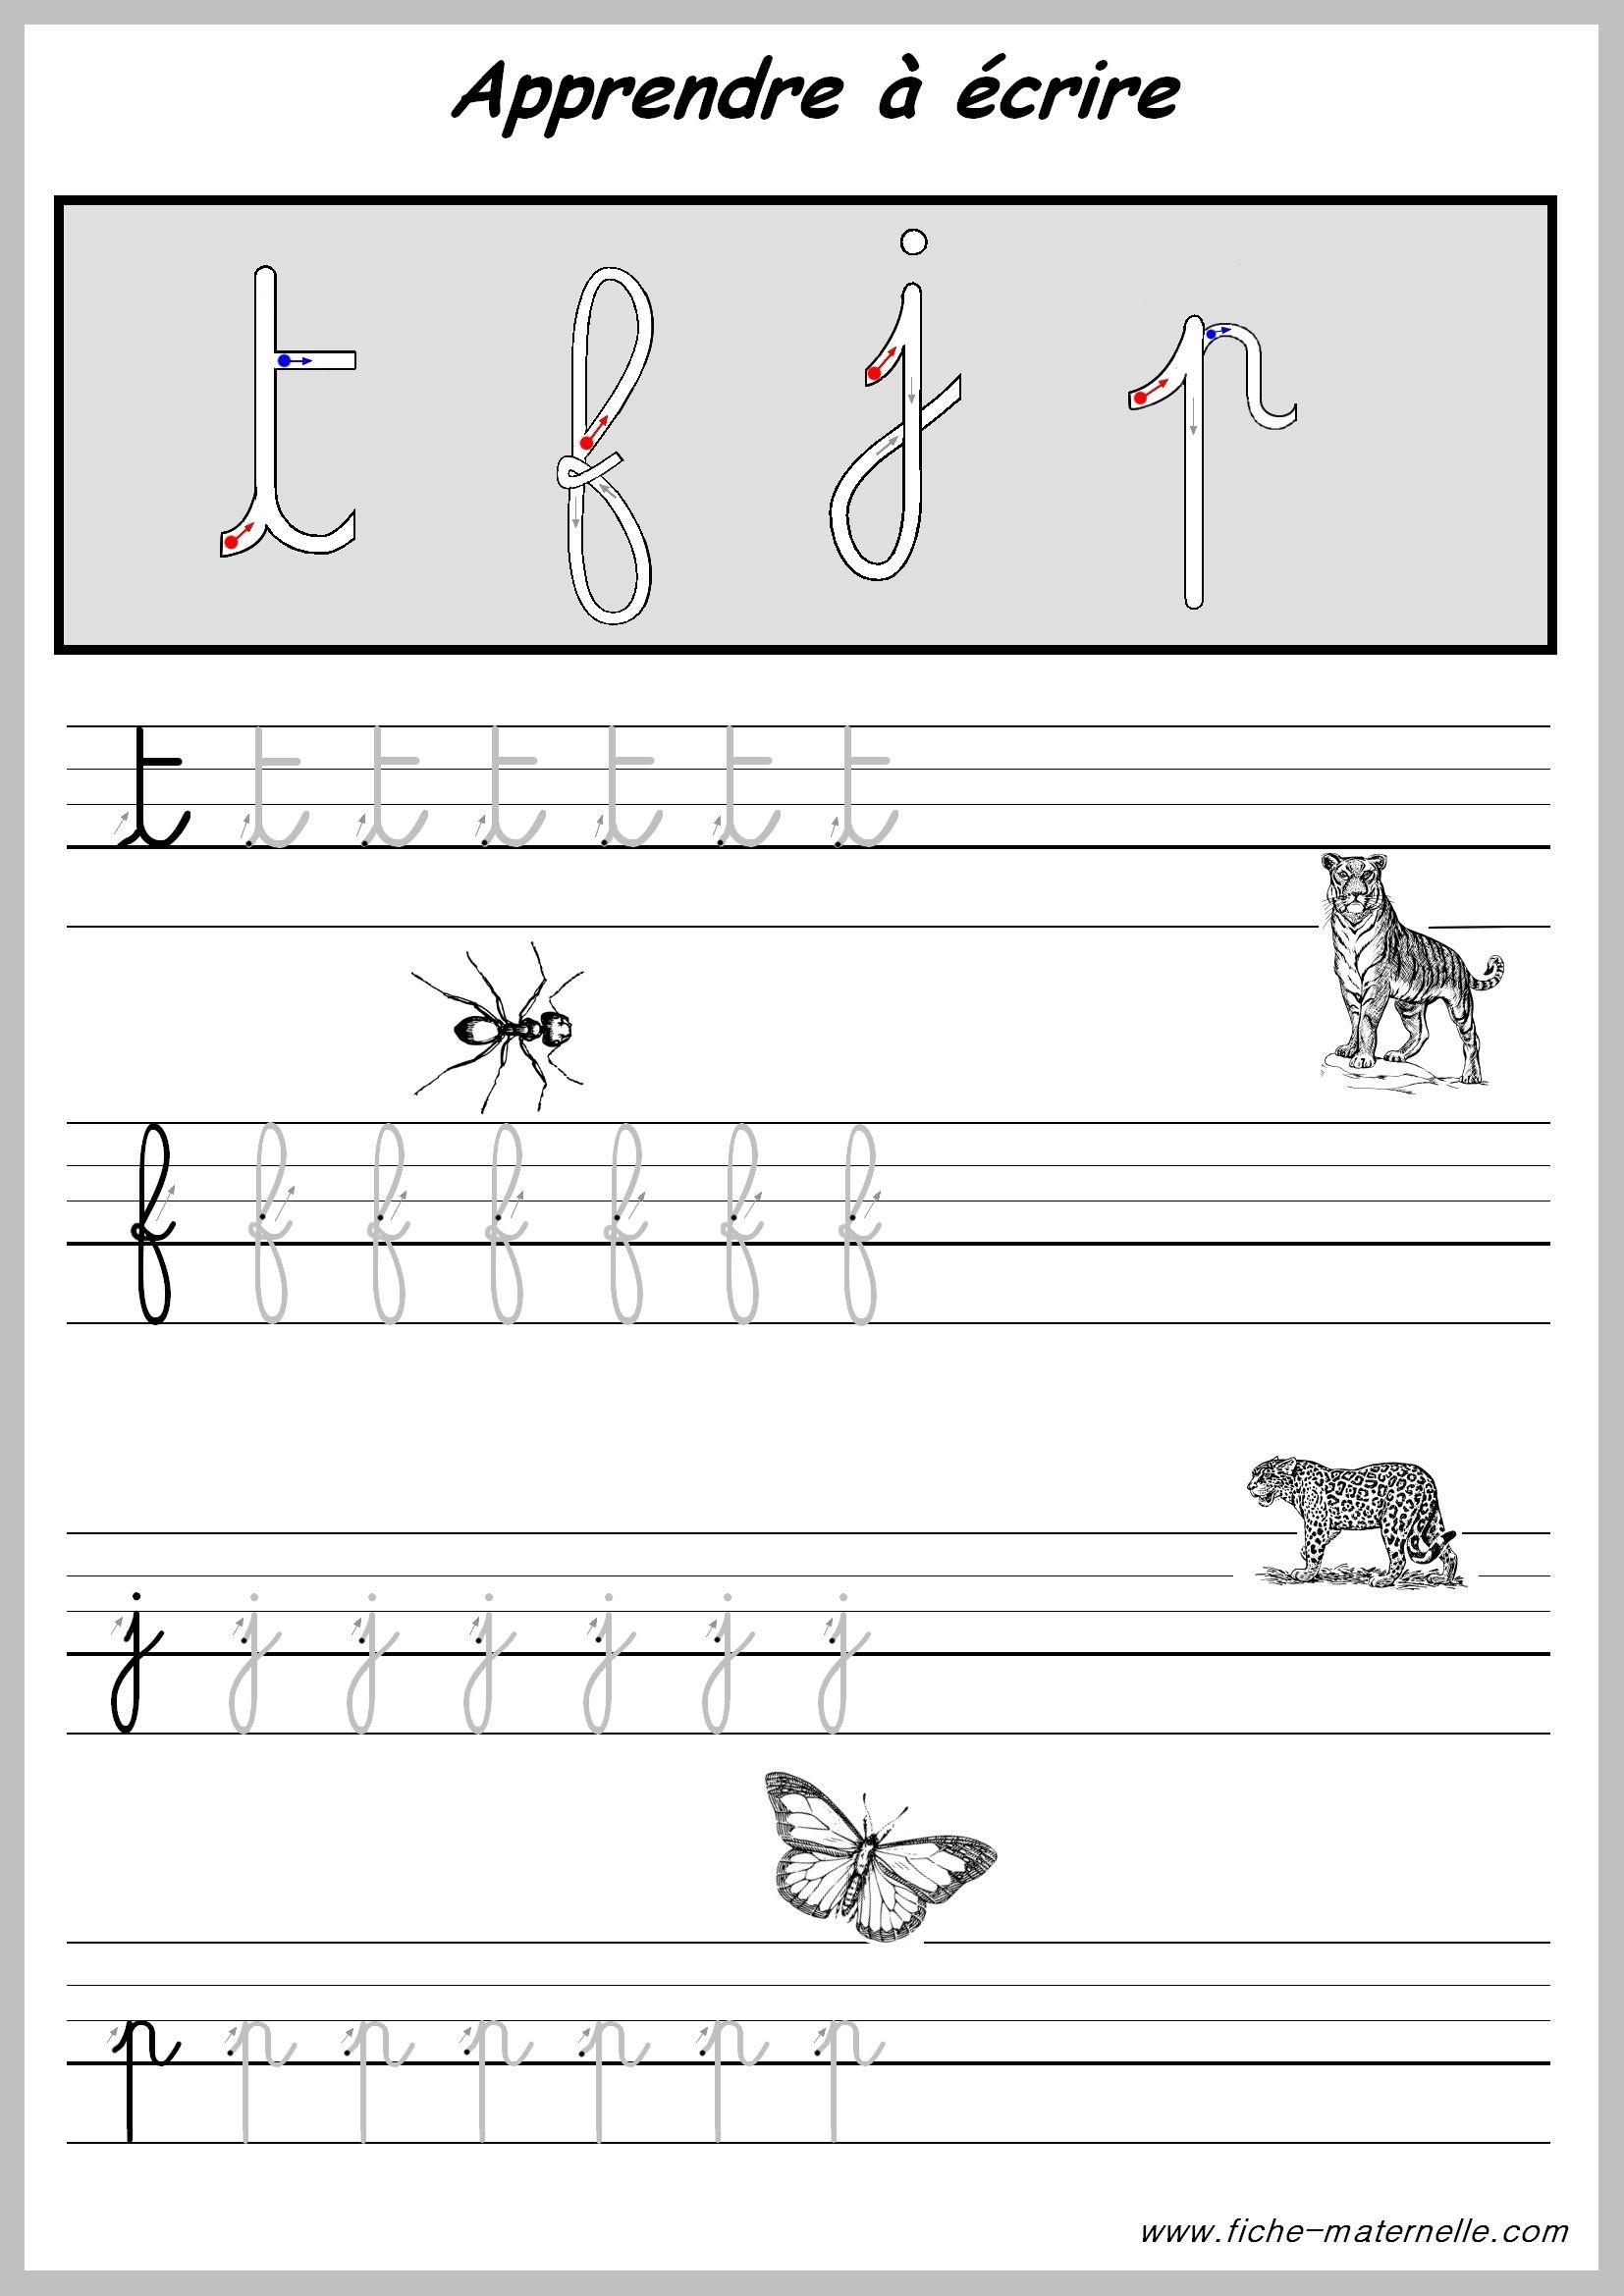 Exercices Pour Apprendre A Ecrire Les Lettres. | Écrire En avec Apprendre A Écrire L Alphabet